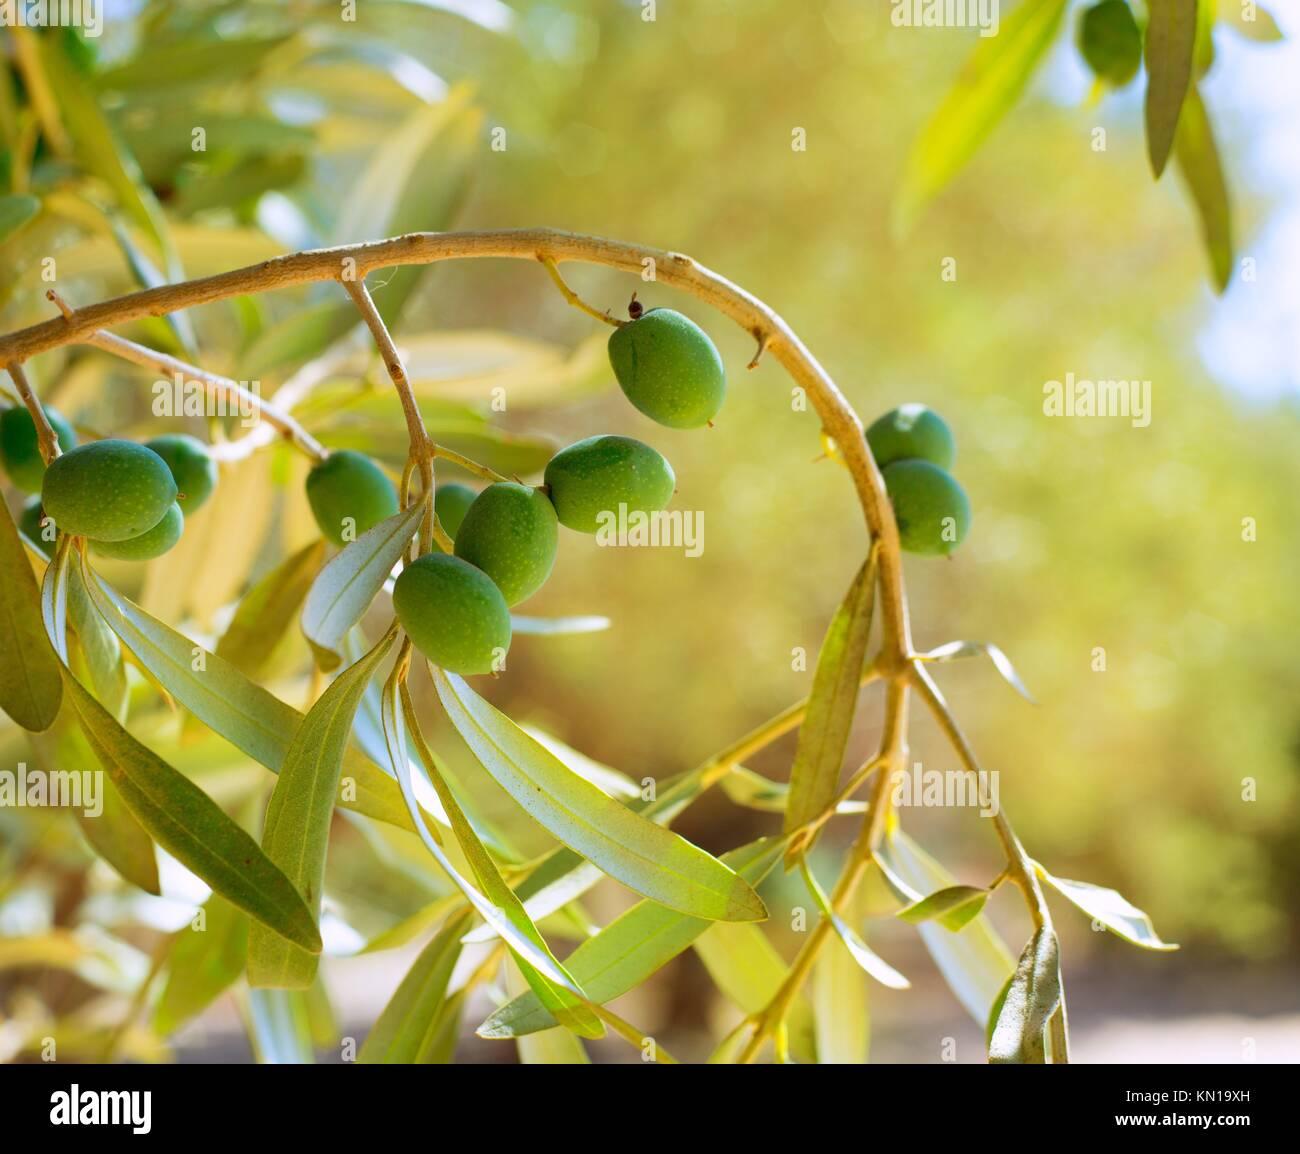 detail der olivenbaum mit gr nen oliven obst im spanischen mittelmeerk ste stockfoto bild. Black Bedroom Furniture Sets. Home Design Ideas